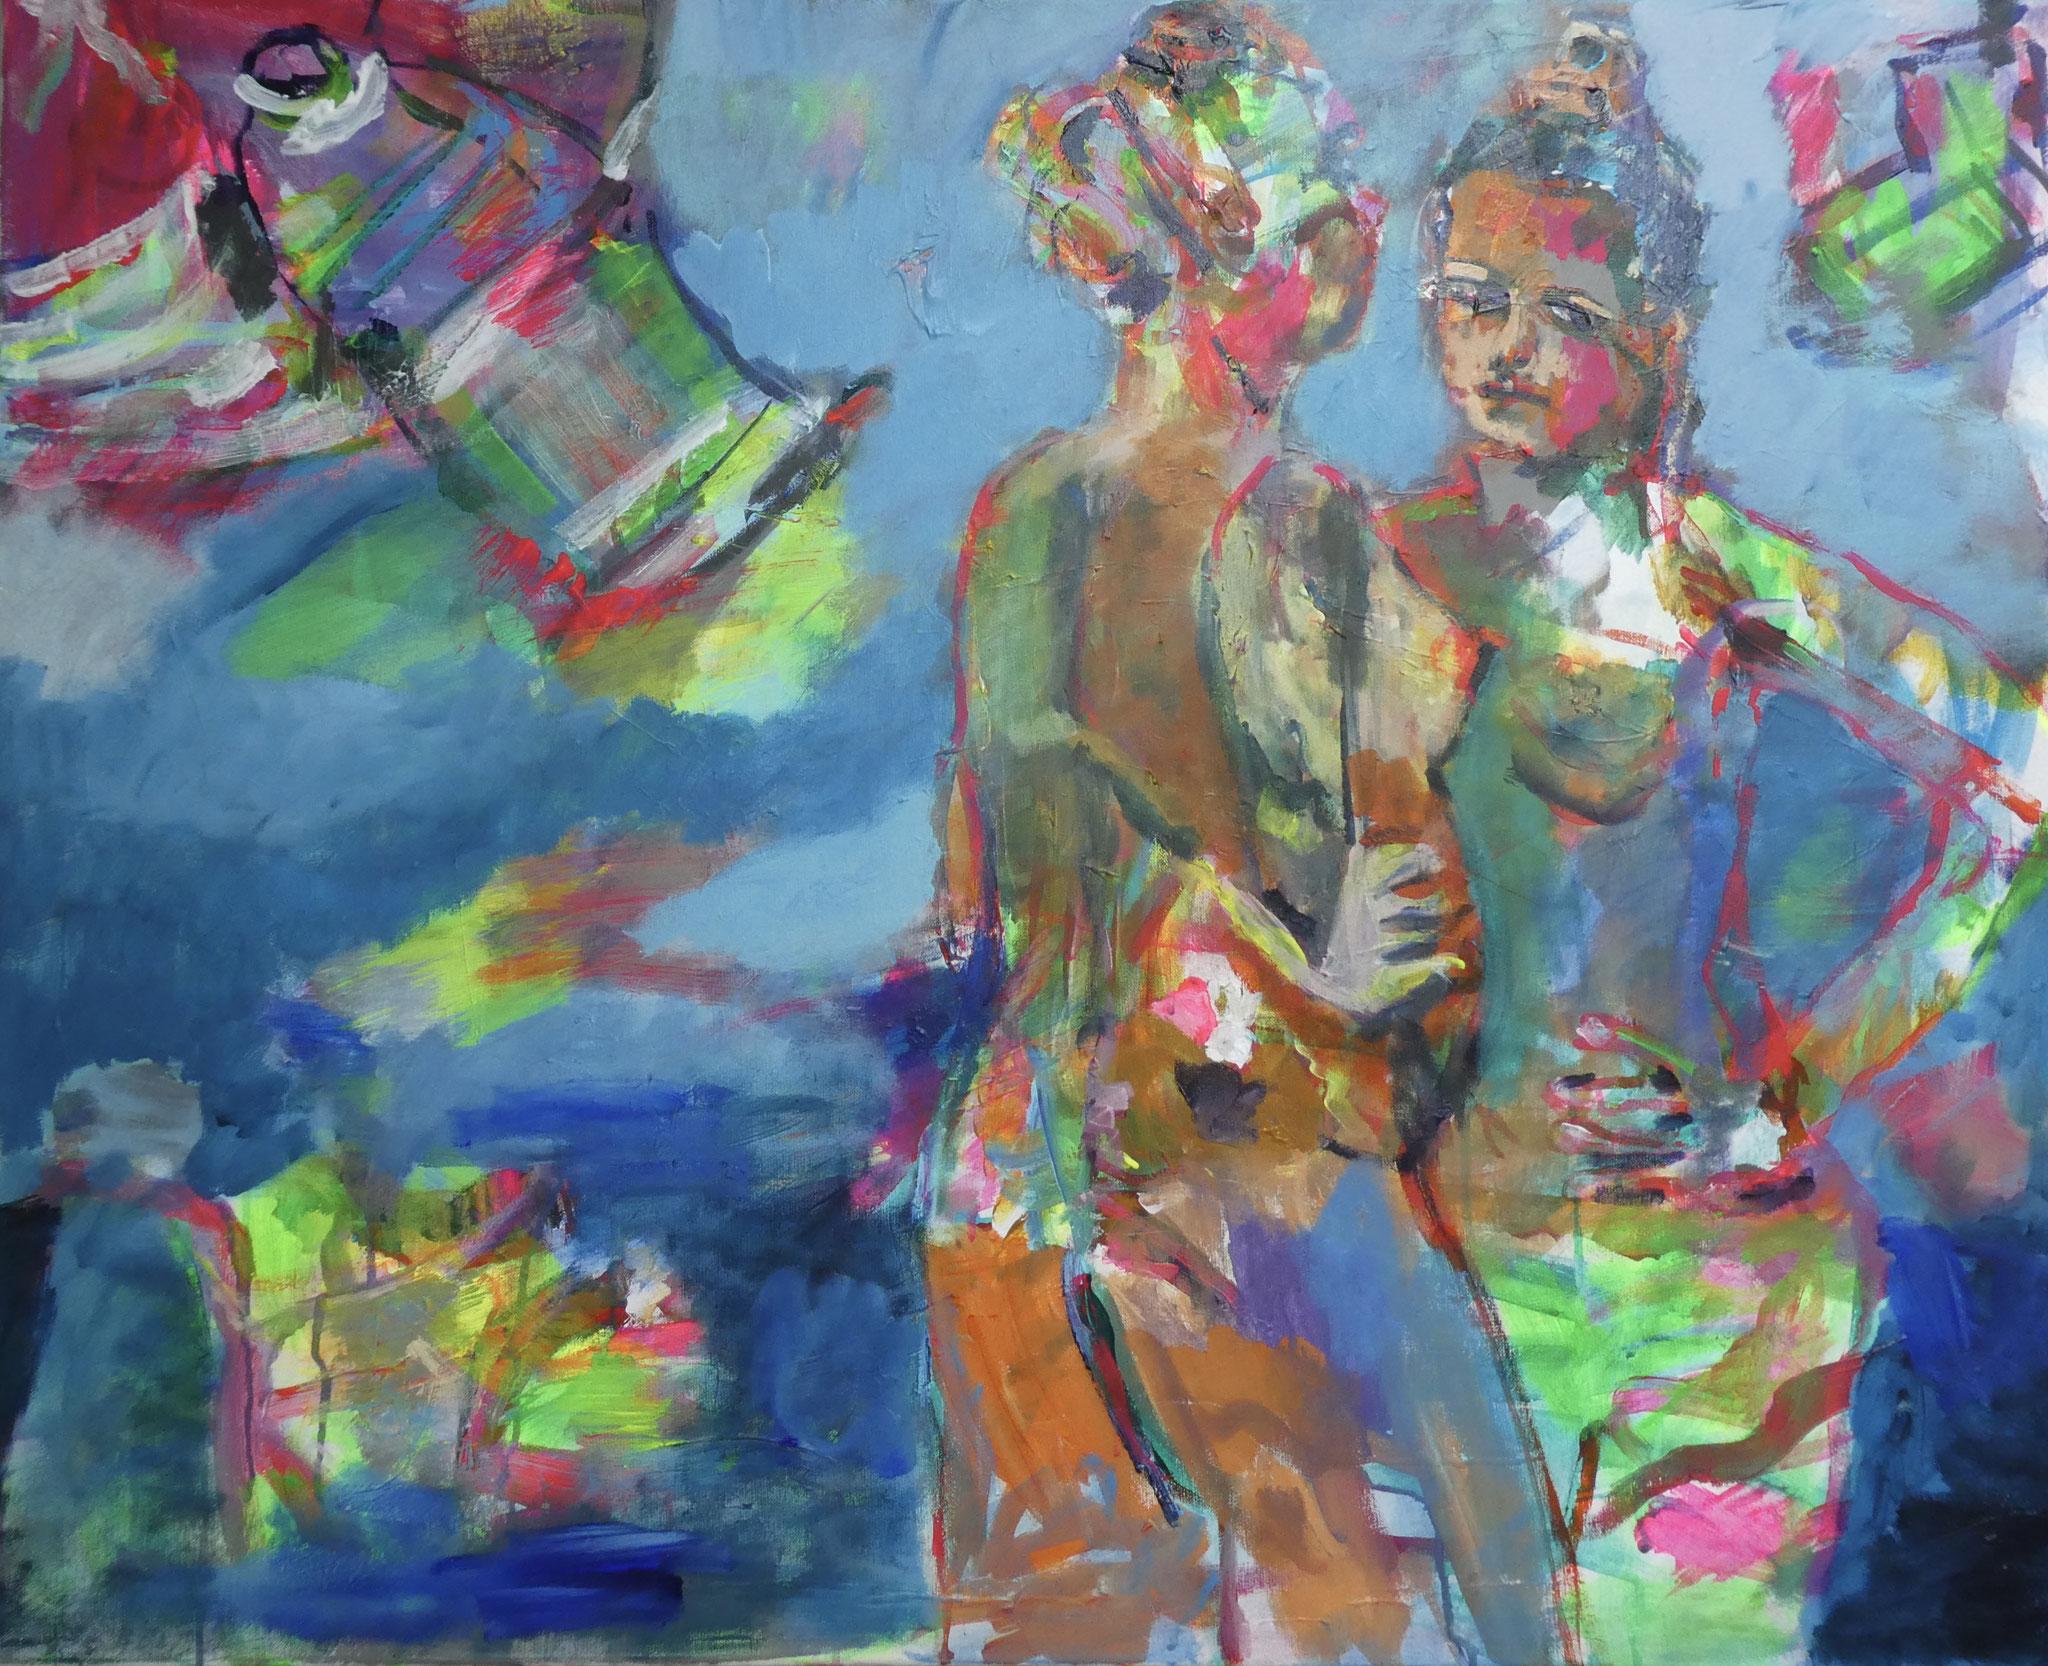 Akt 3, 80x100, acrylic on canvas